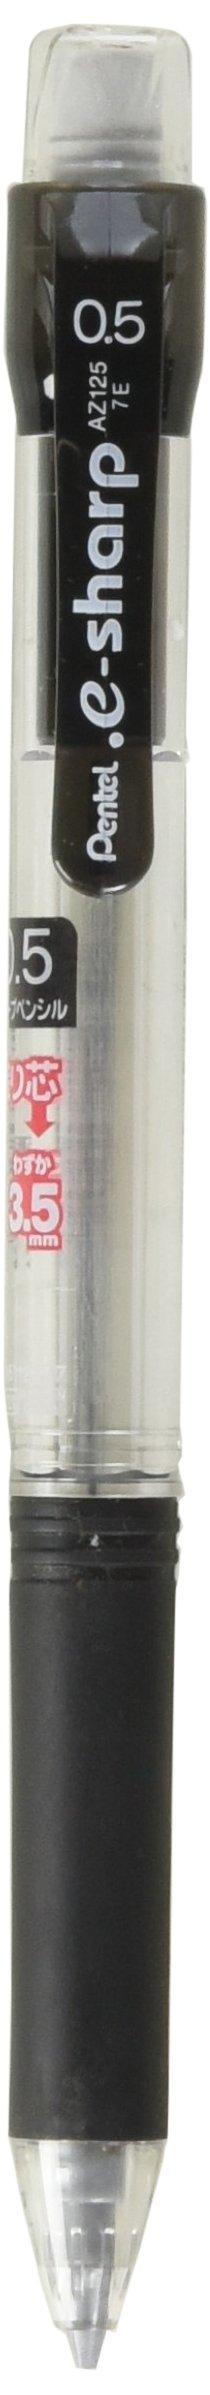 Pentel - Portaminas, E-sharp, 0,5 Mm, Color Negro (az125-a)